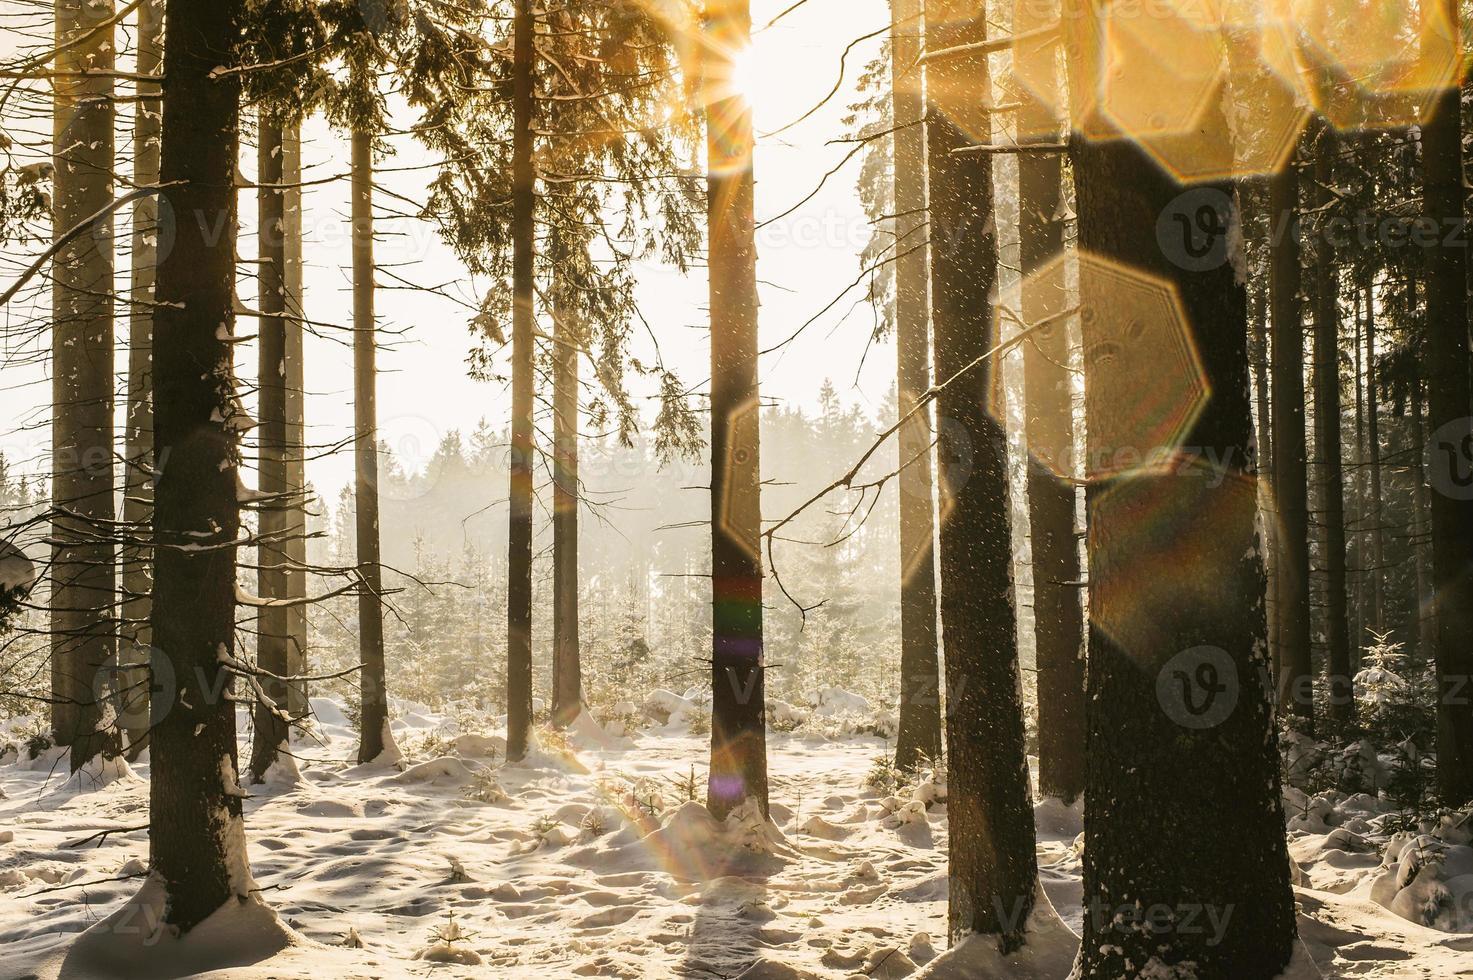 floresta de inverno com manchas de lente foto